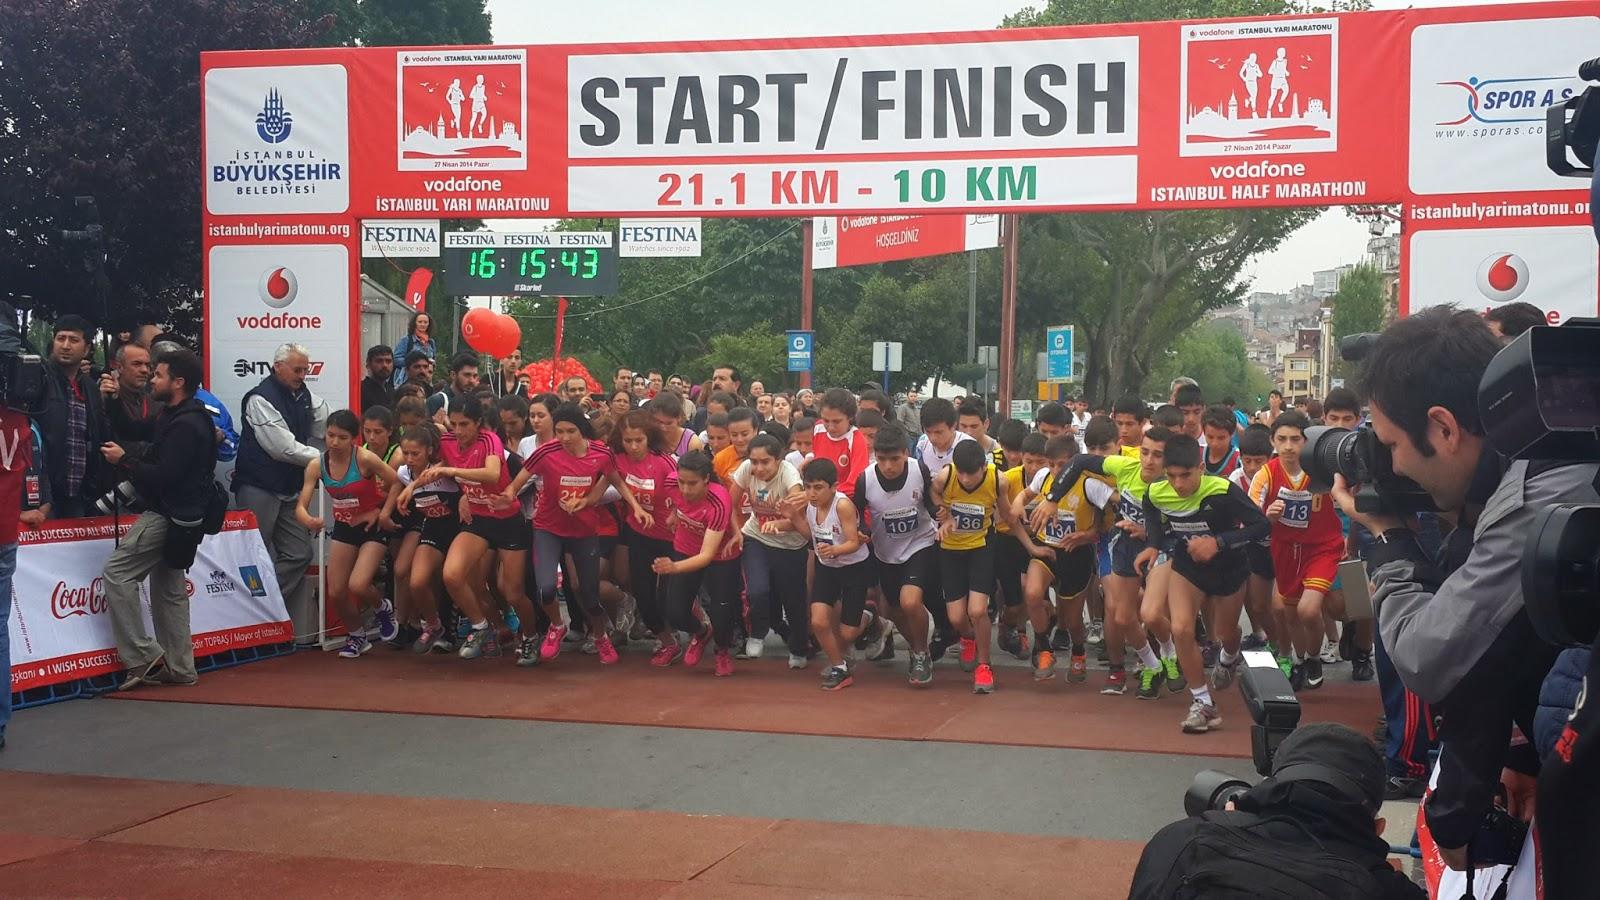 Vodafone Yarı İstanbul Maratonu 2014 Nisan start